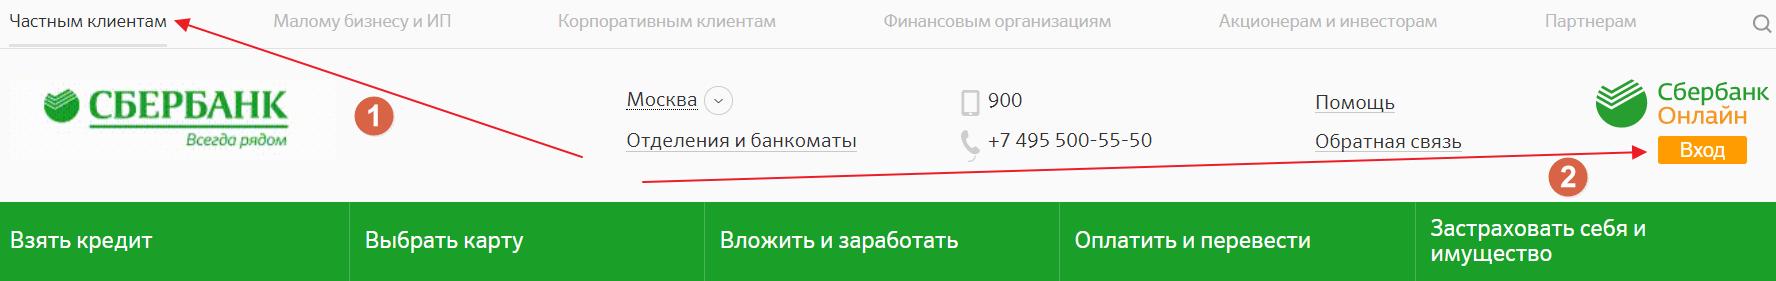 Сбербанк Онлайн вход на личную страницу системы